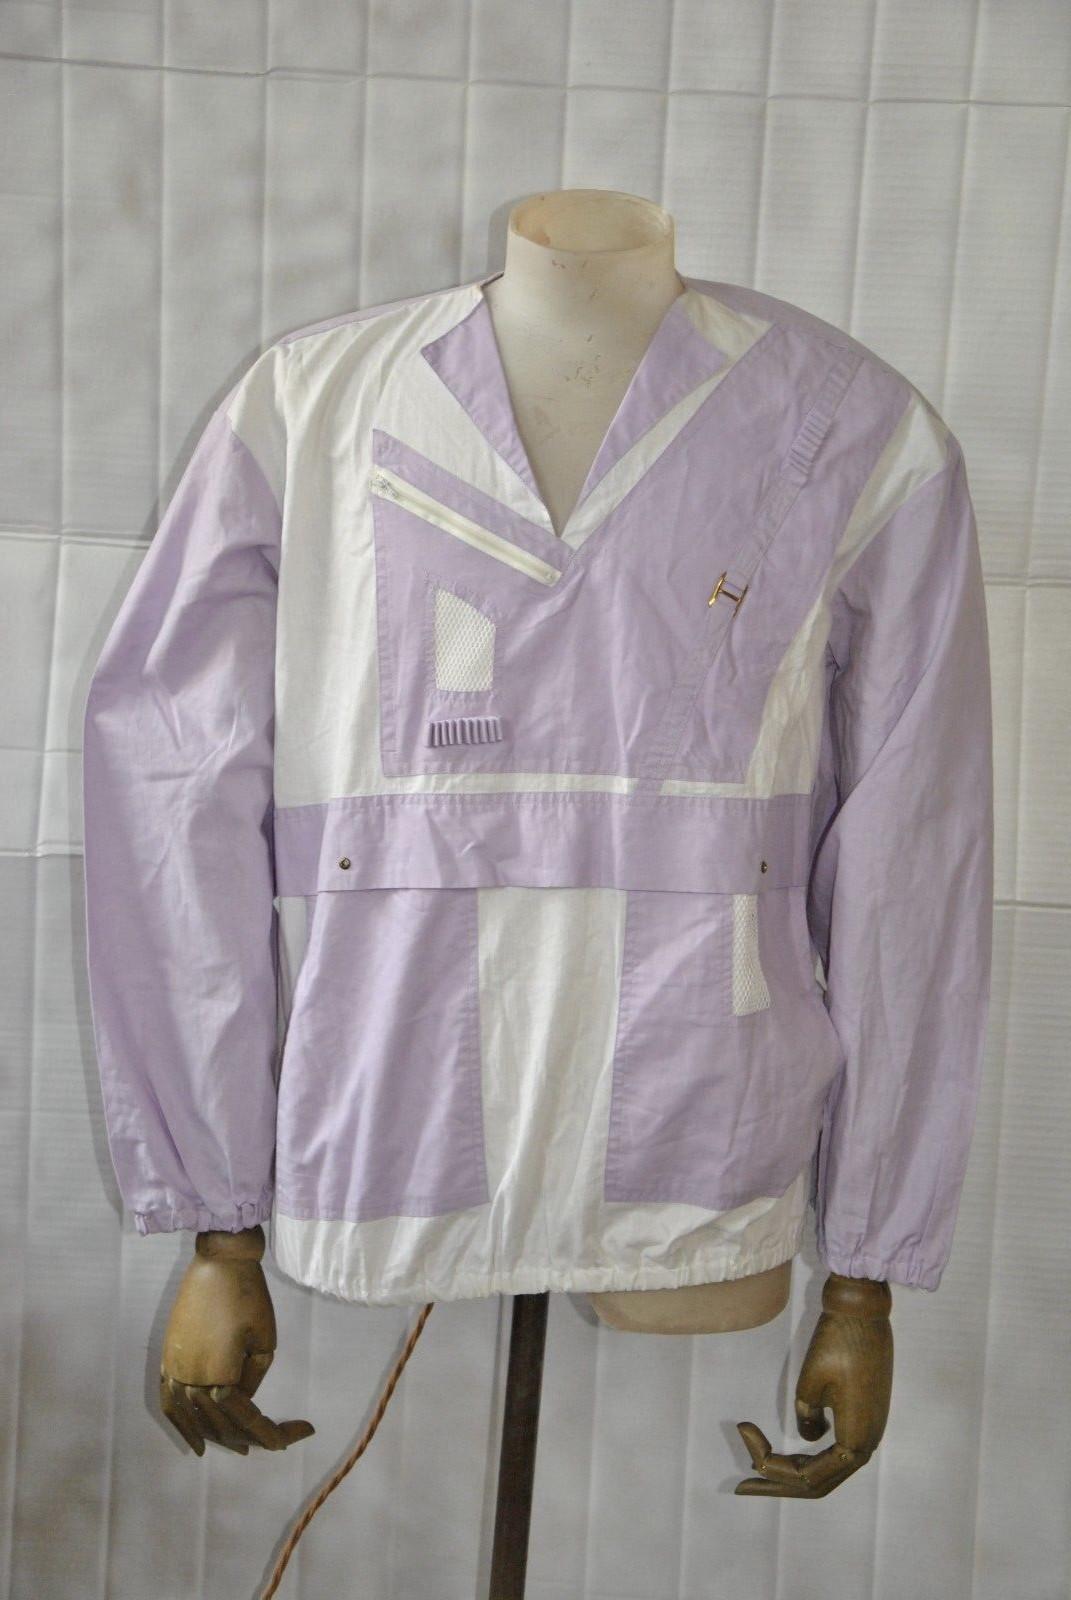 Sweatshirt Oberhemd Pullover Detailarbeit 80er lila weiß TRUE VINTAGE 80s shirt